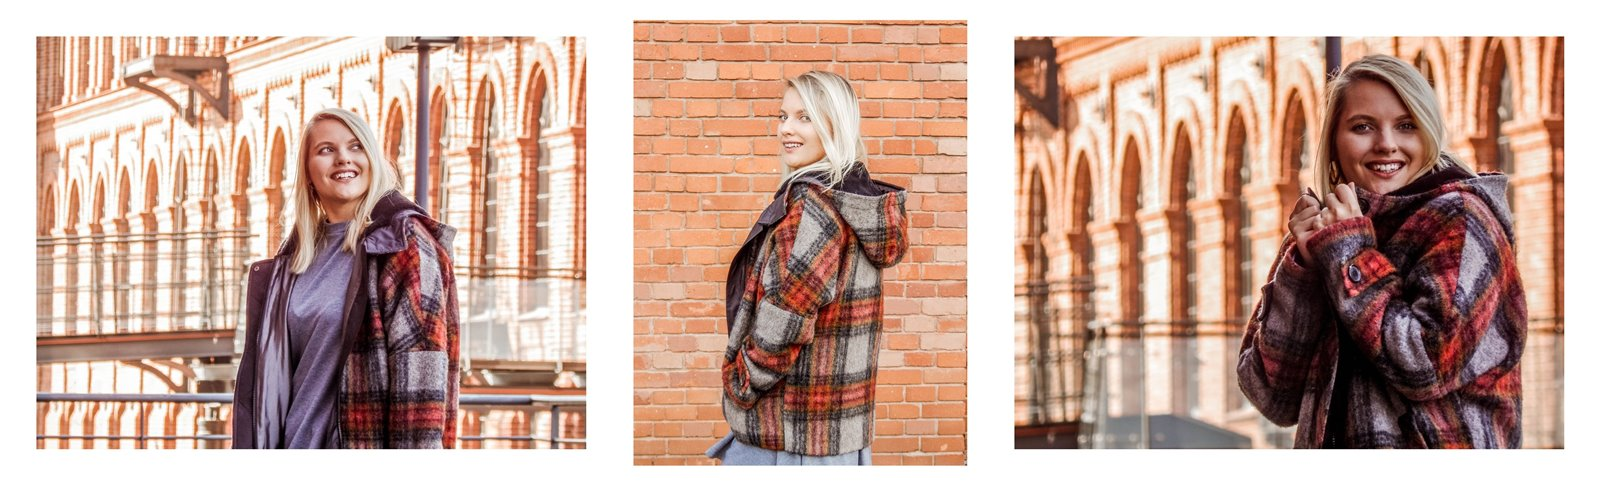 8a płaszcz - ubranie, moda polska, hot moda, moda damska jesień 2018, moda for you, net moda, blog, blogerki fashion łódź anataka kurtka w kratkę ciepła kurtka stylizacje w co się ubrać eleganckie kurtki blondynka